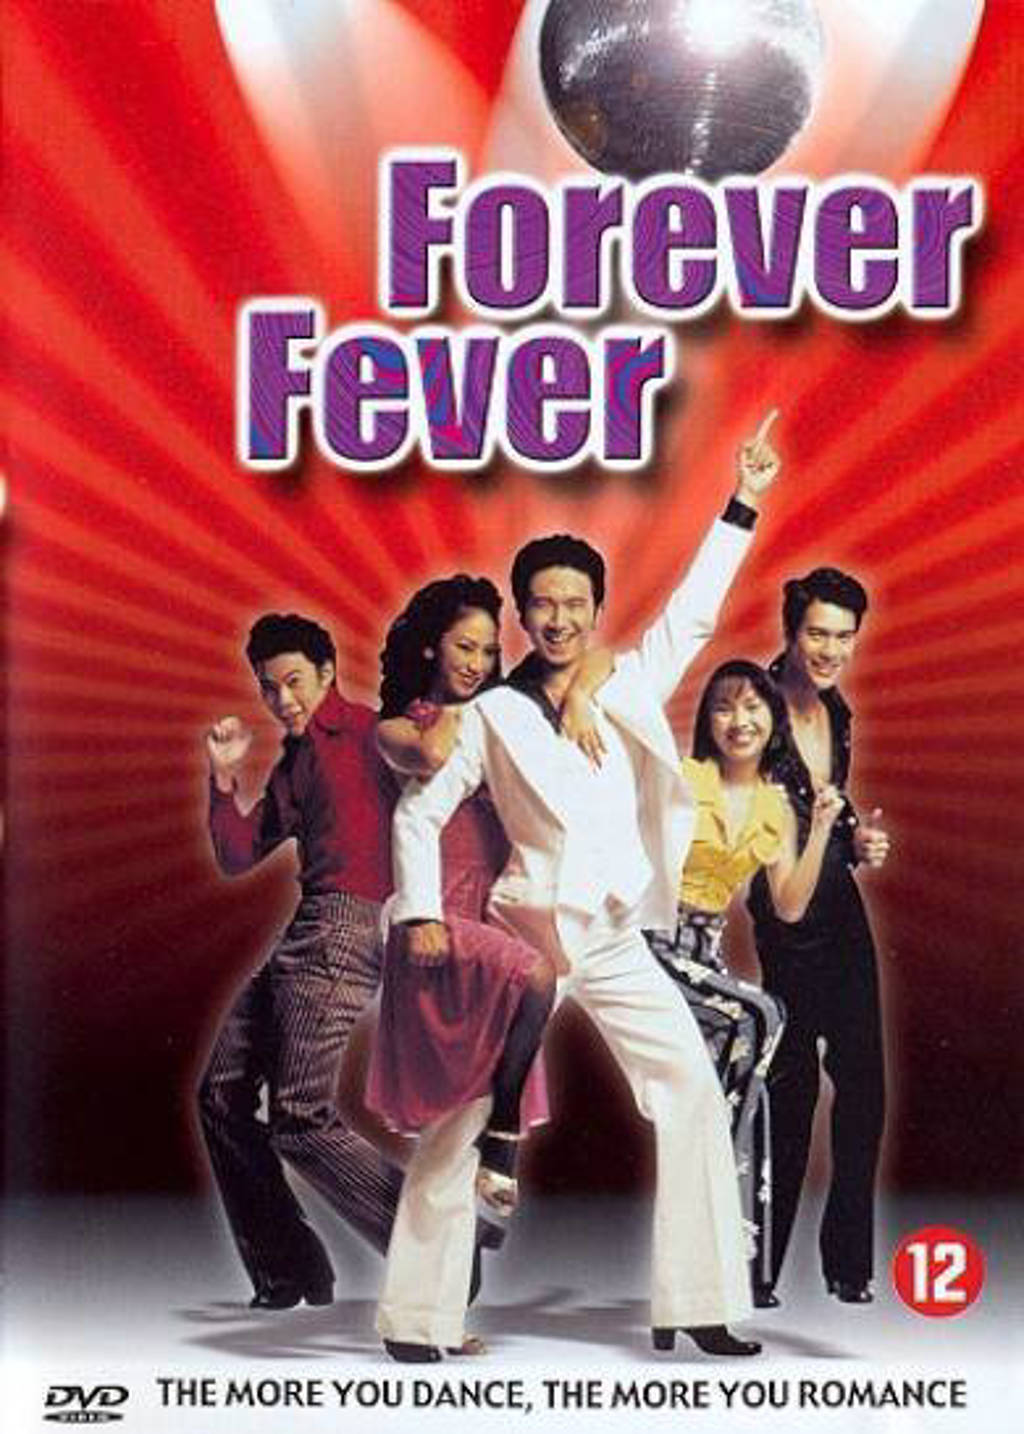 Forever fever (DVD)